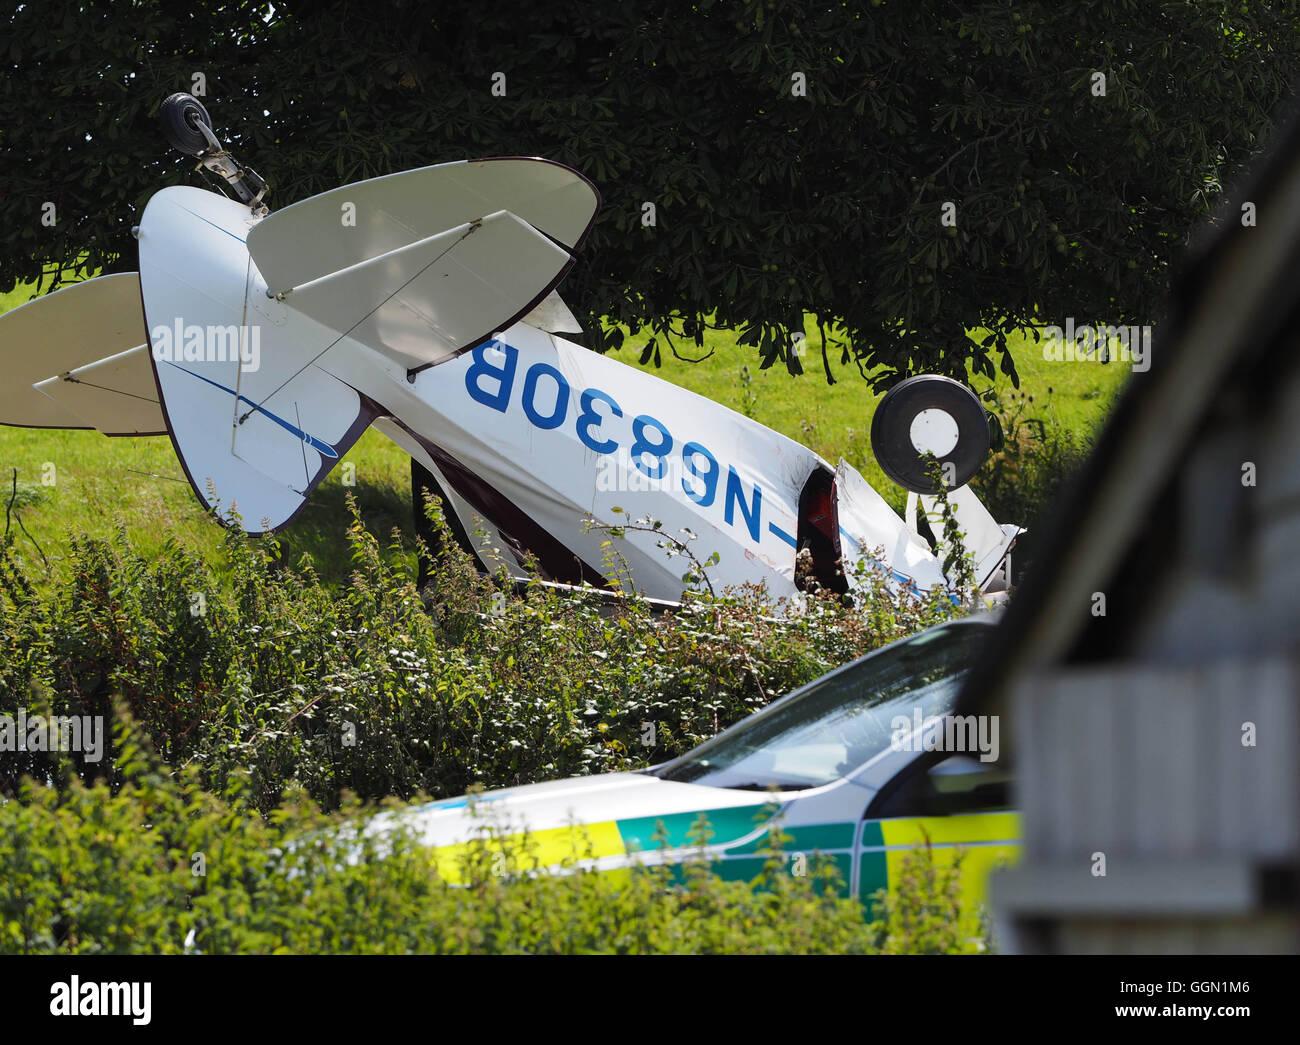 Private plane crash of a Piper Tri-Pacer PA-22-150 plane